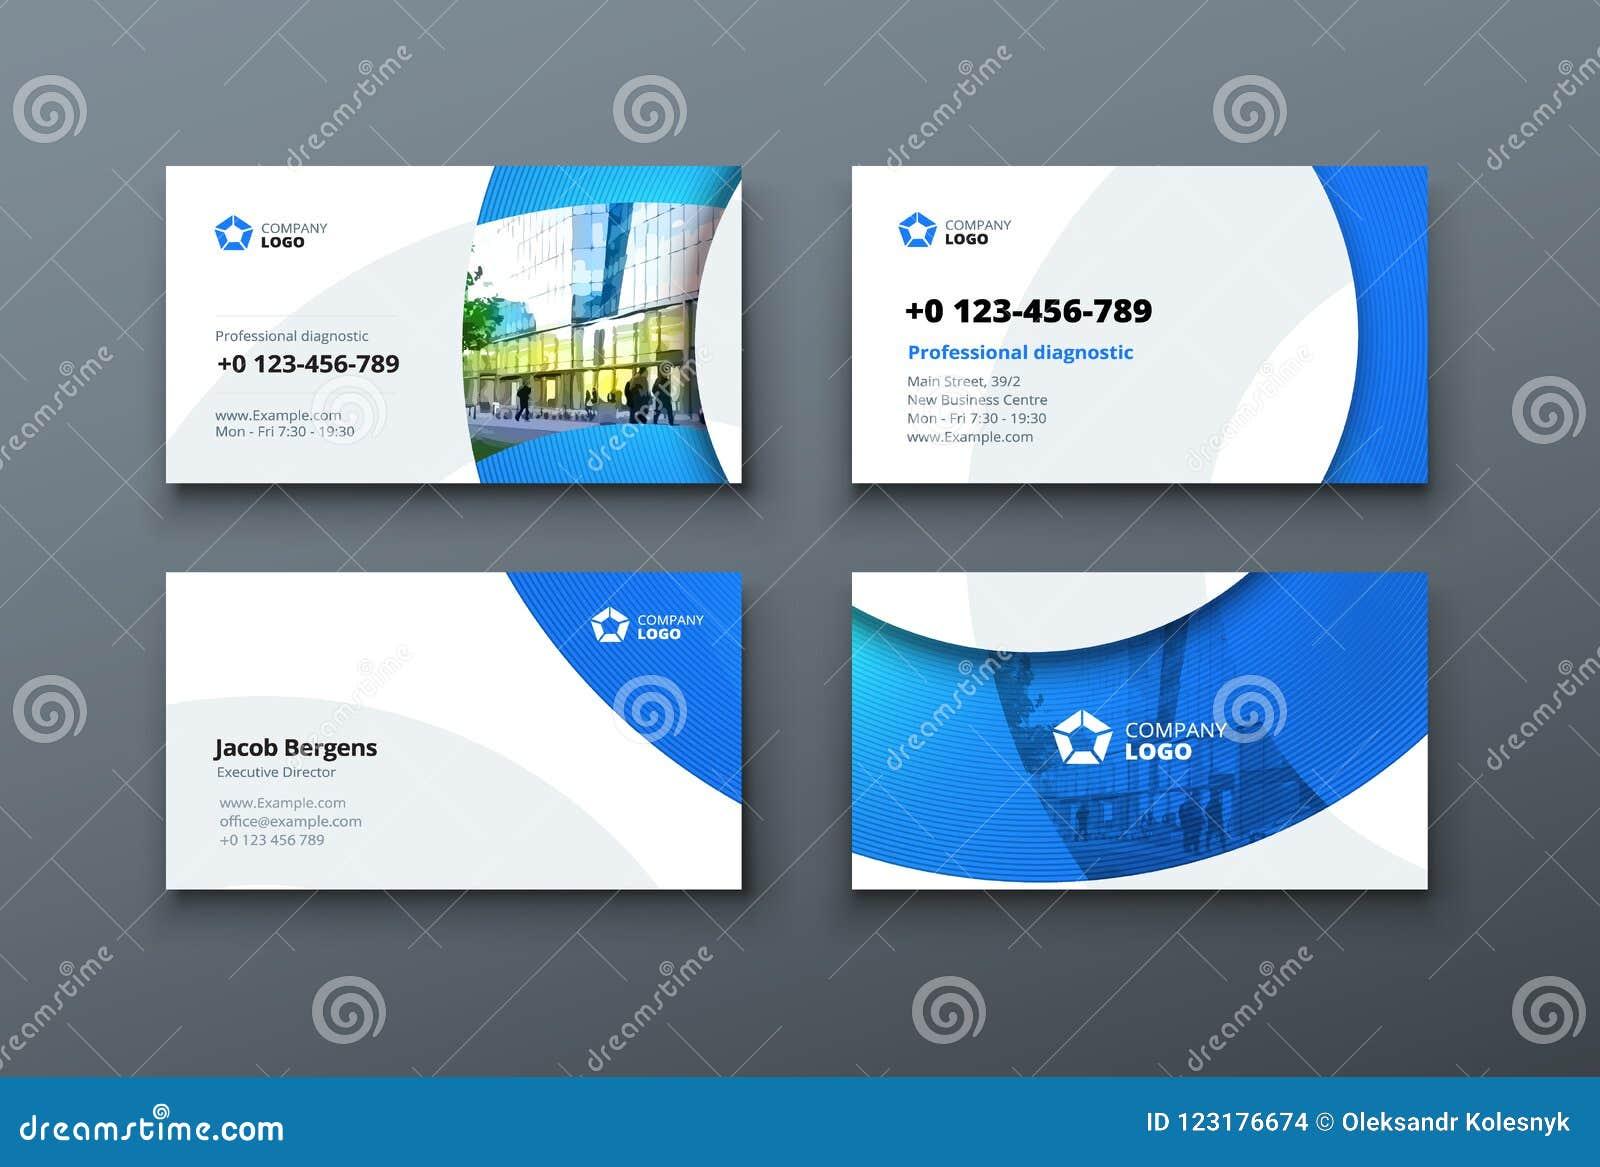 Design De Carte Daffaires Calibre Visite Professionnelle Pour Lusage Personnel Ou Dentreprise Vecteur